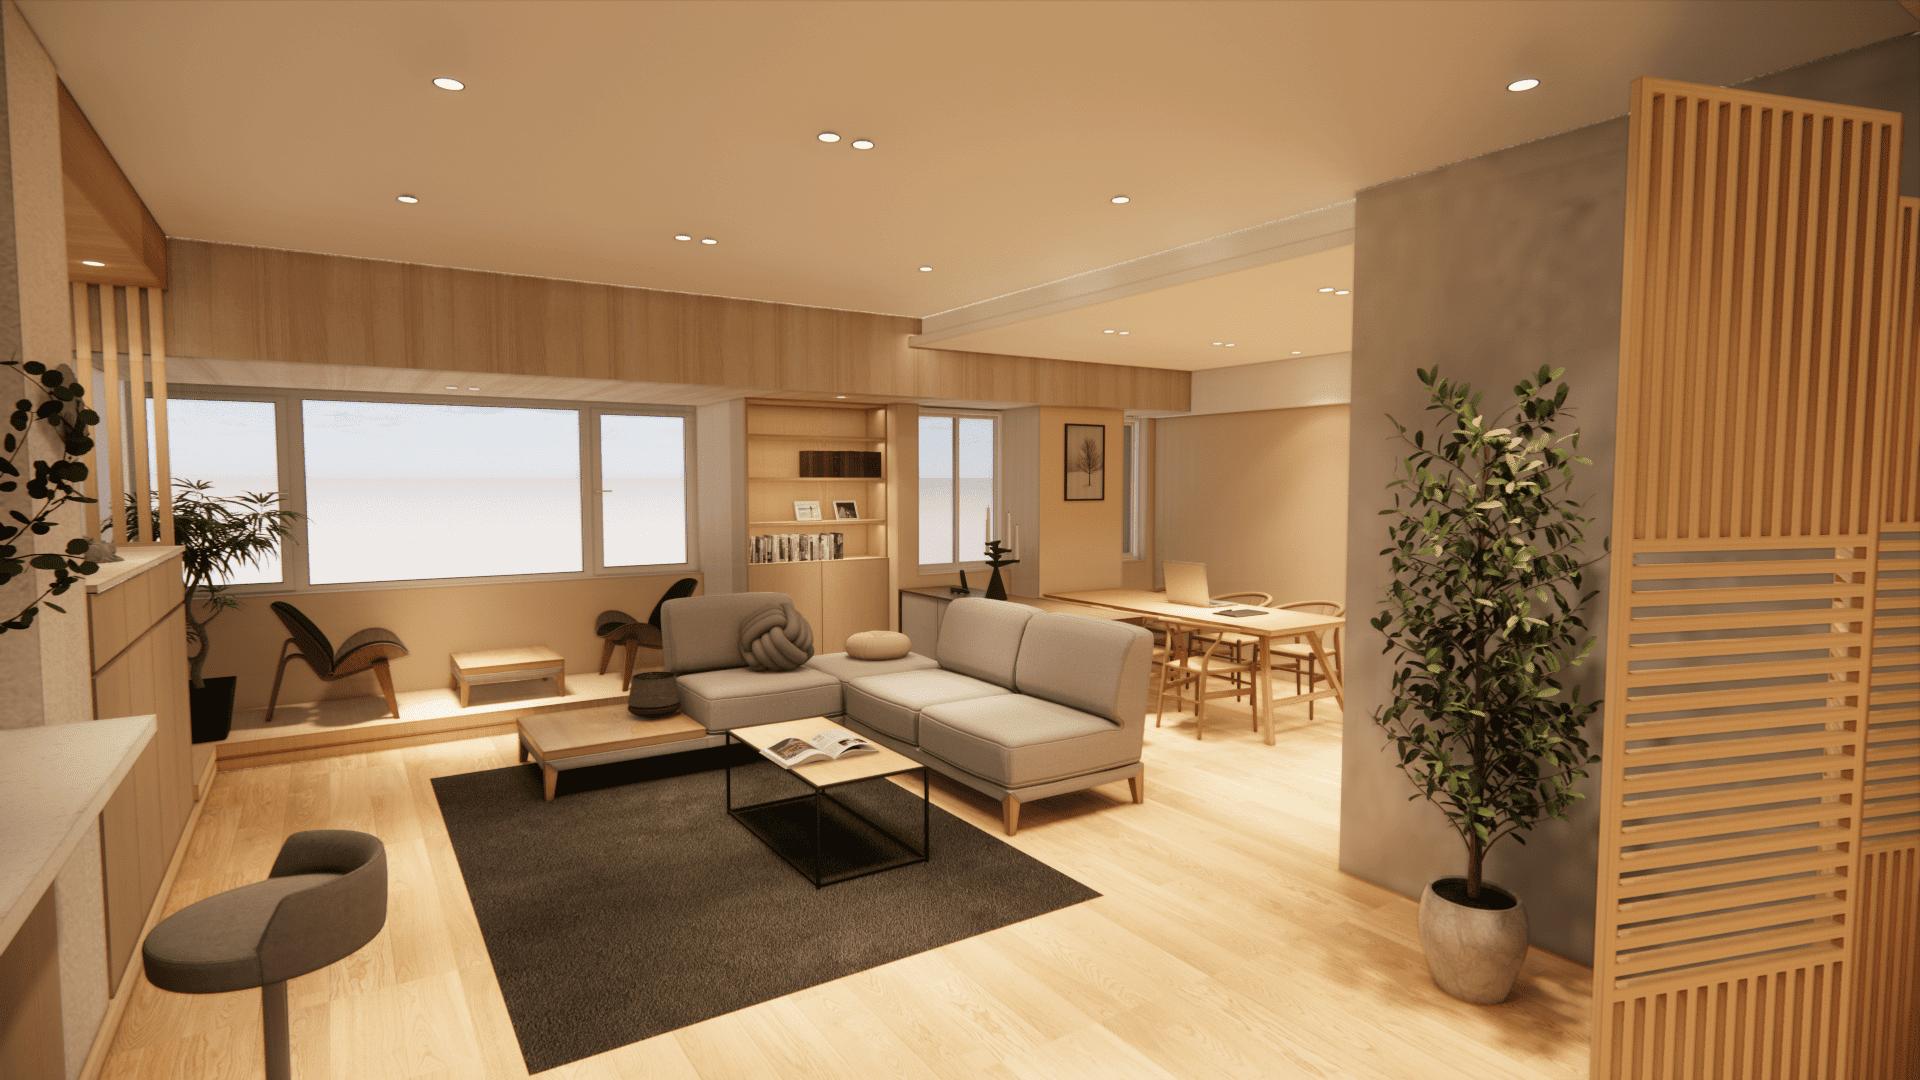 文山區居家裝潢【單身貴族的老屋翻新   日式家庭式】拾間室內設計